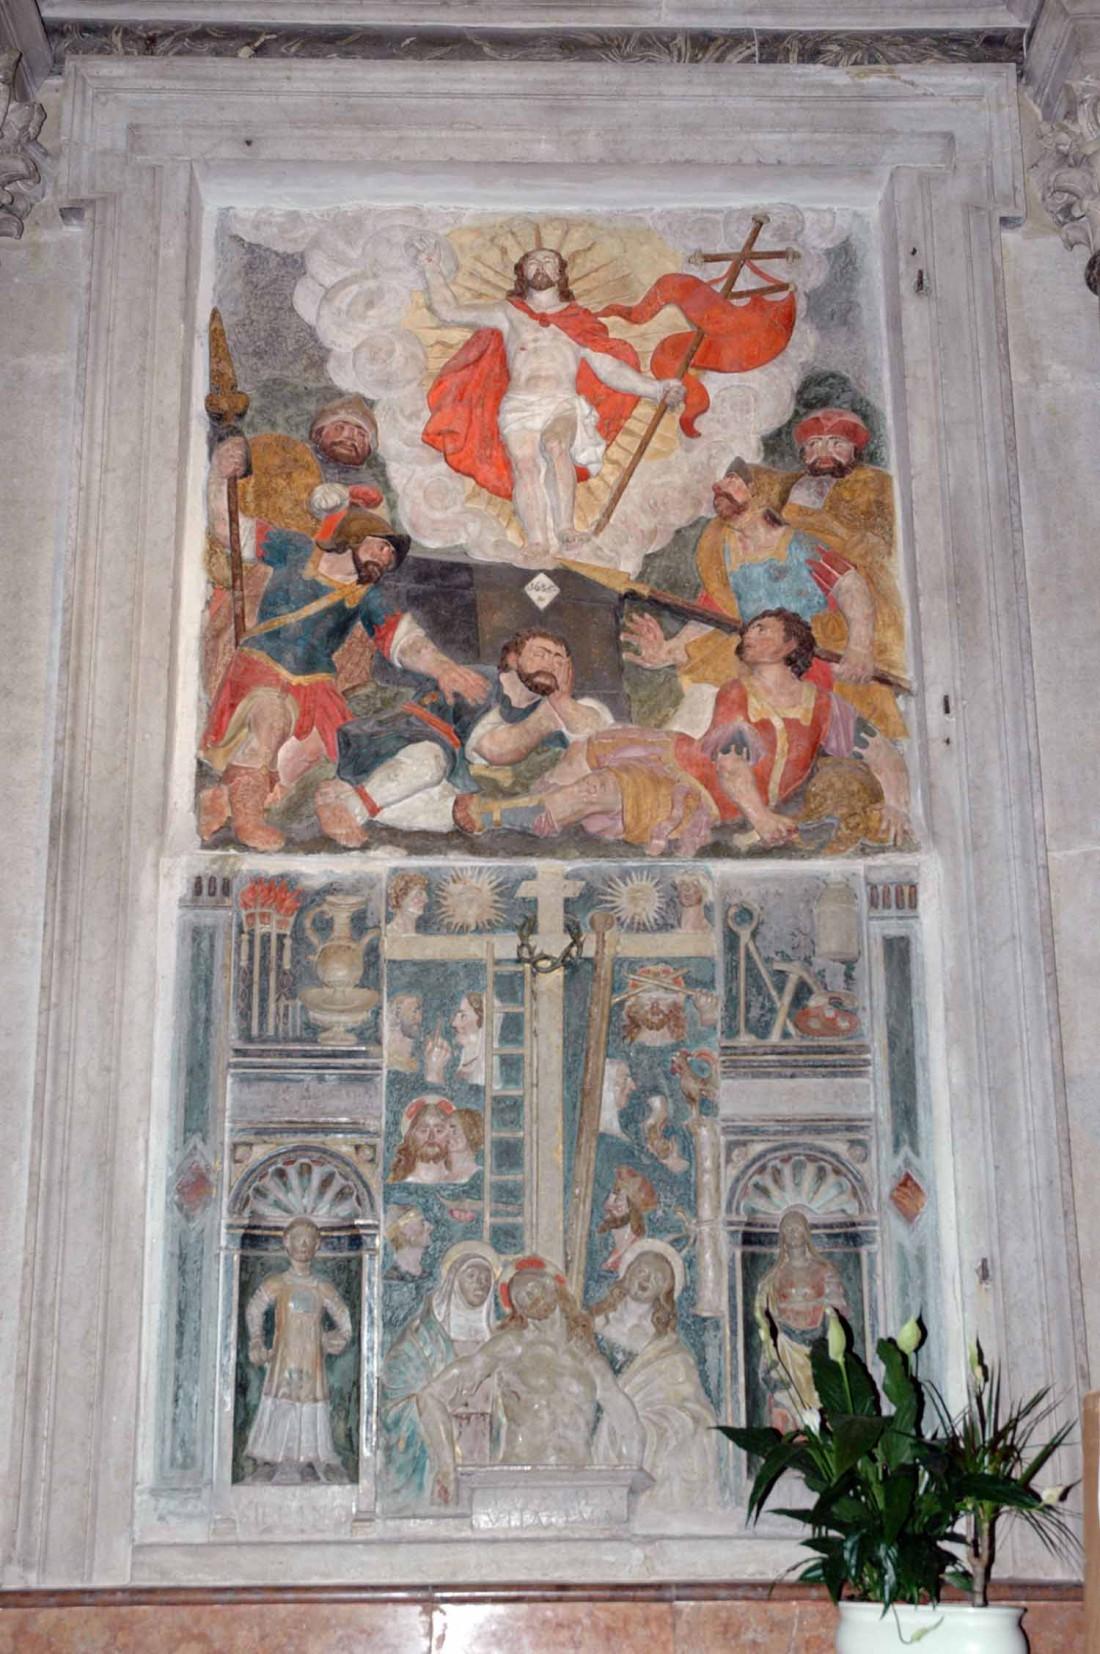 Capitello-Chiesa-S.-Pietro-e-Paolo-Brentonico-DI-visitrovereto